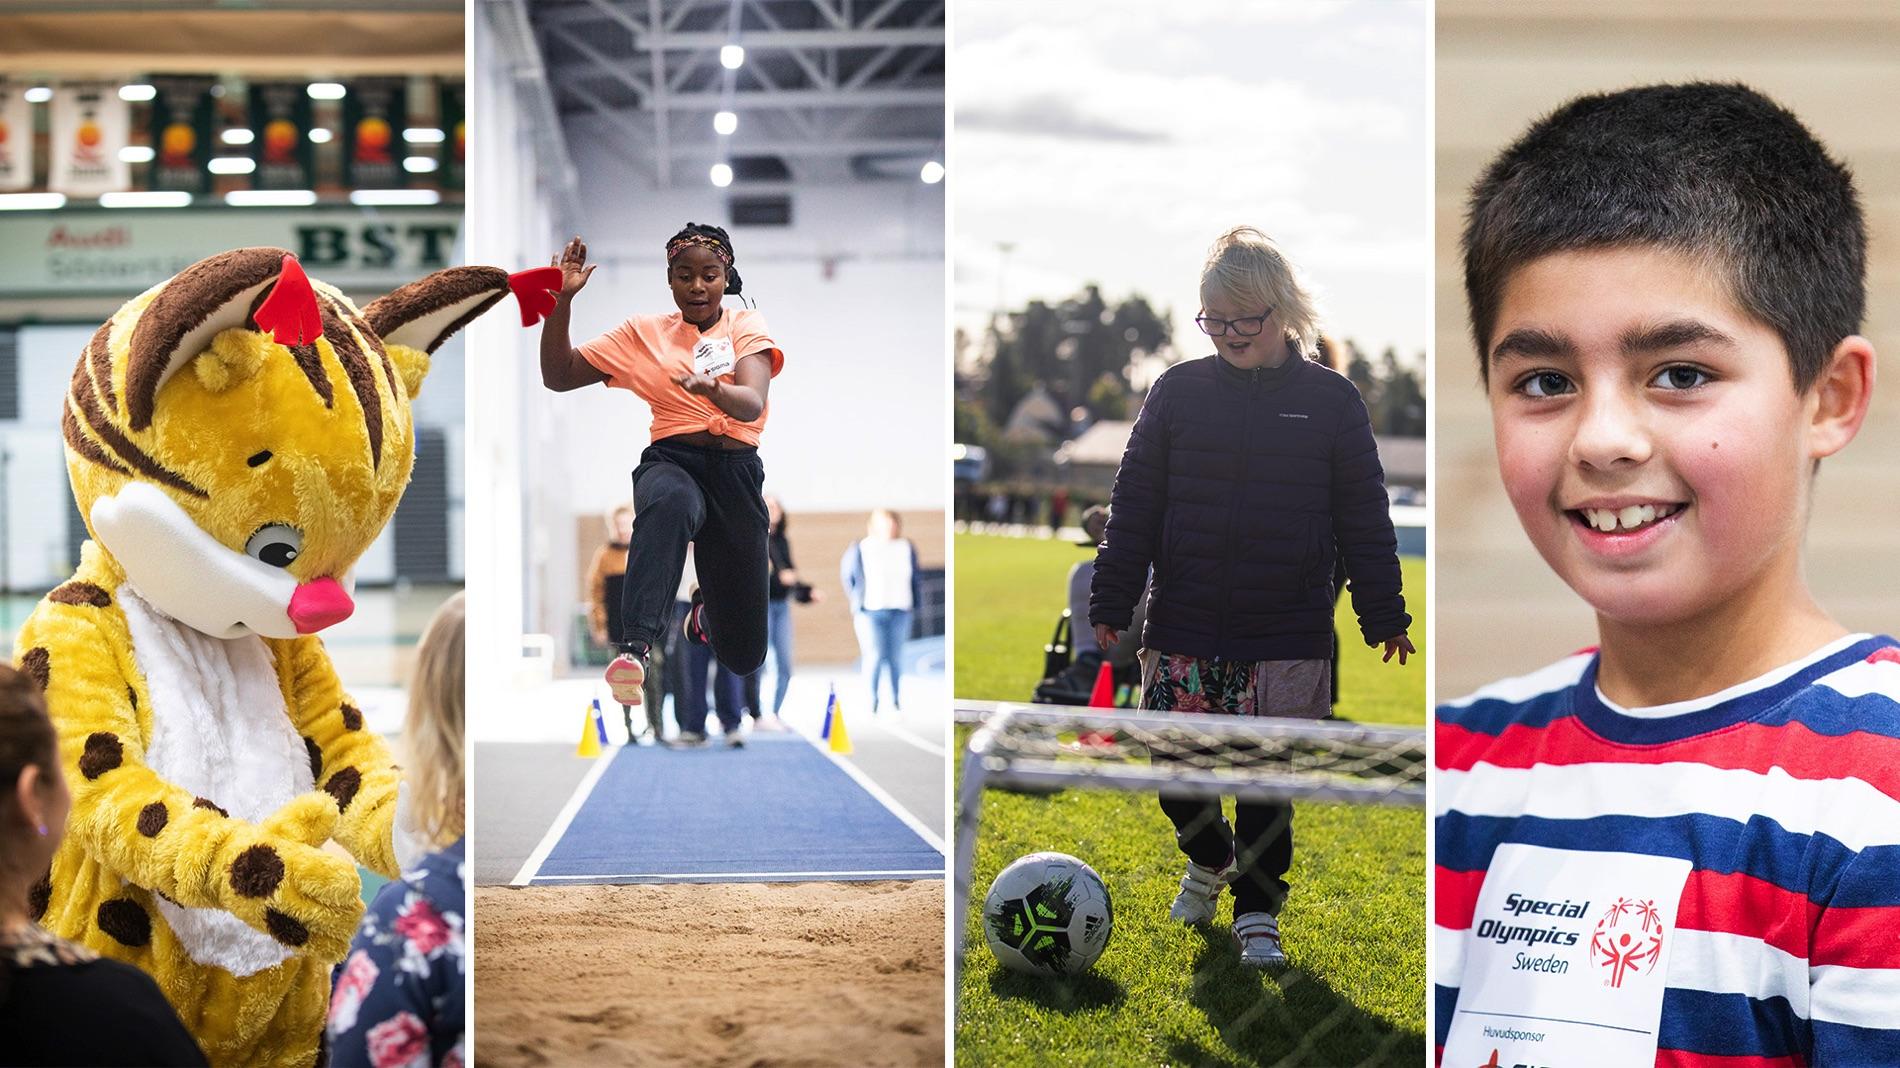 Special Olympics School Days i Södertälje.